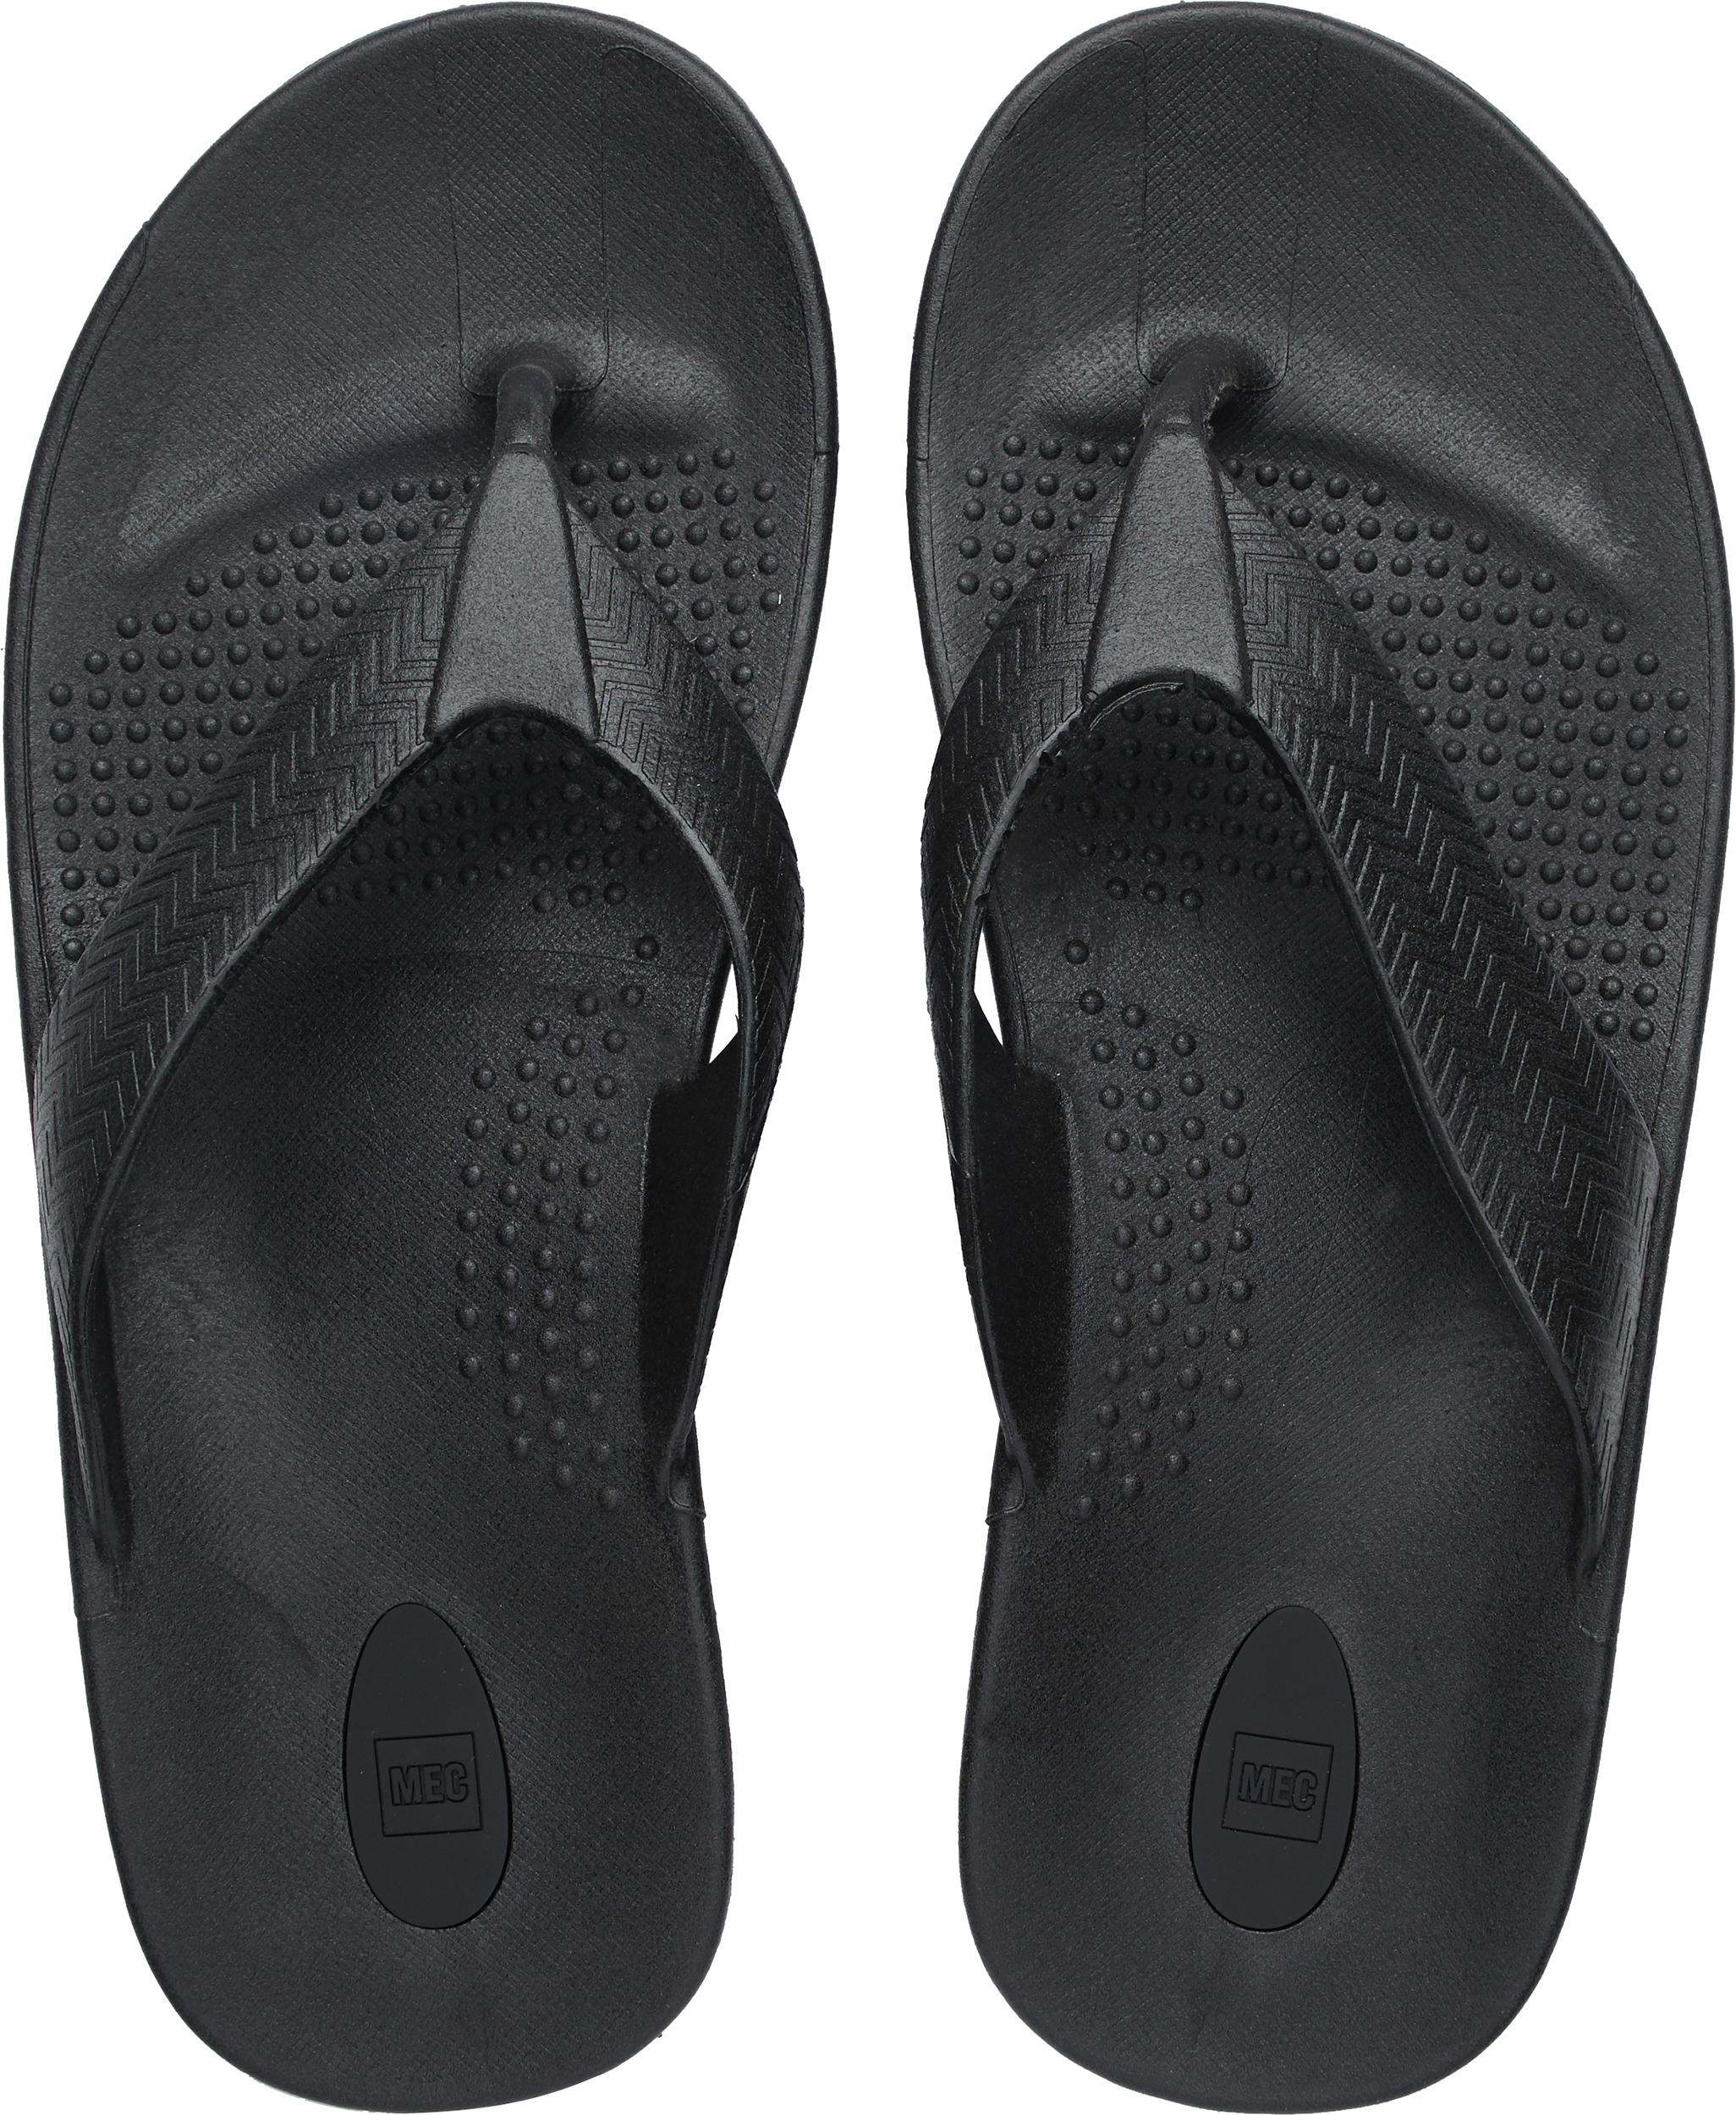 6d956ca0b841 Flip flops